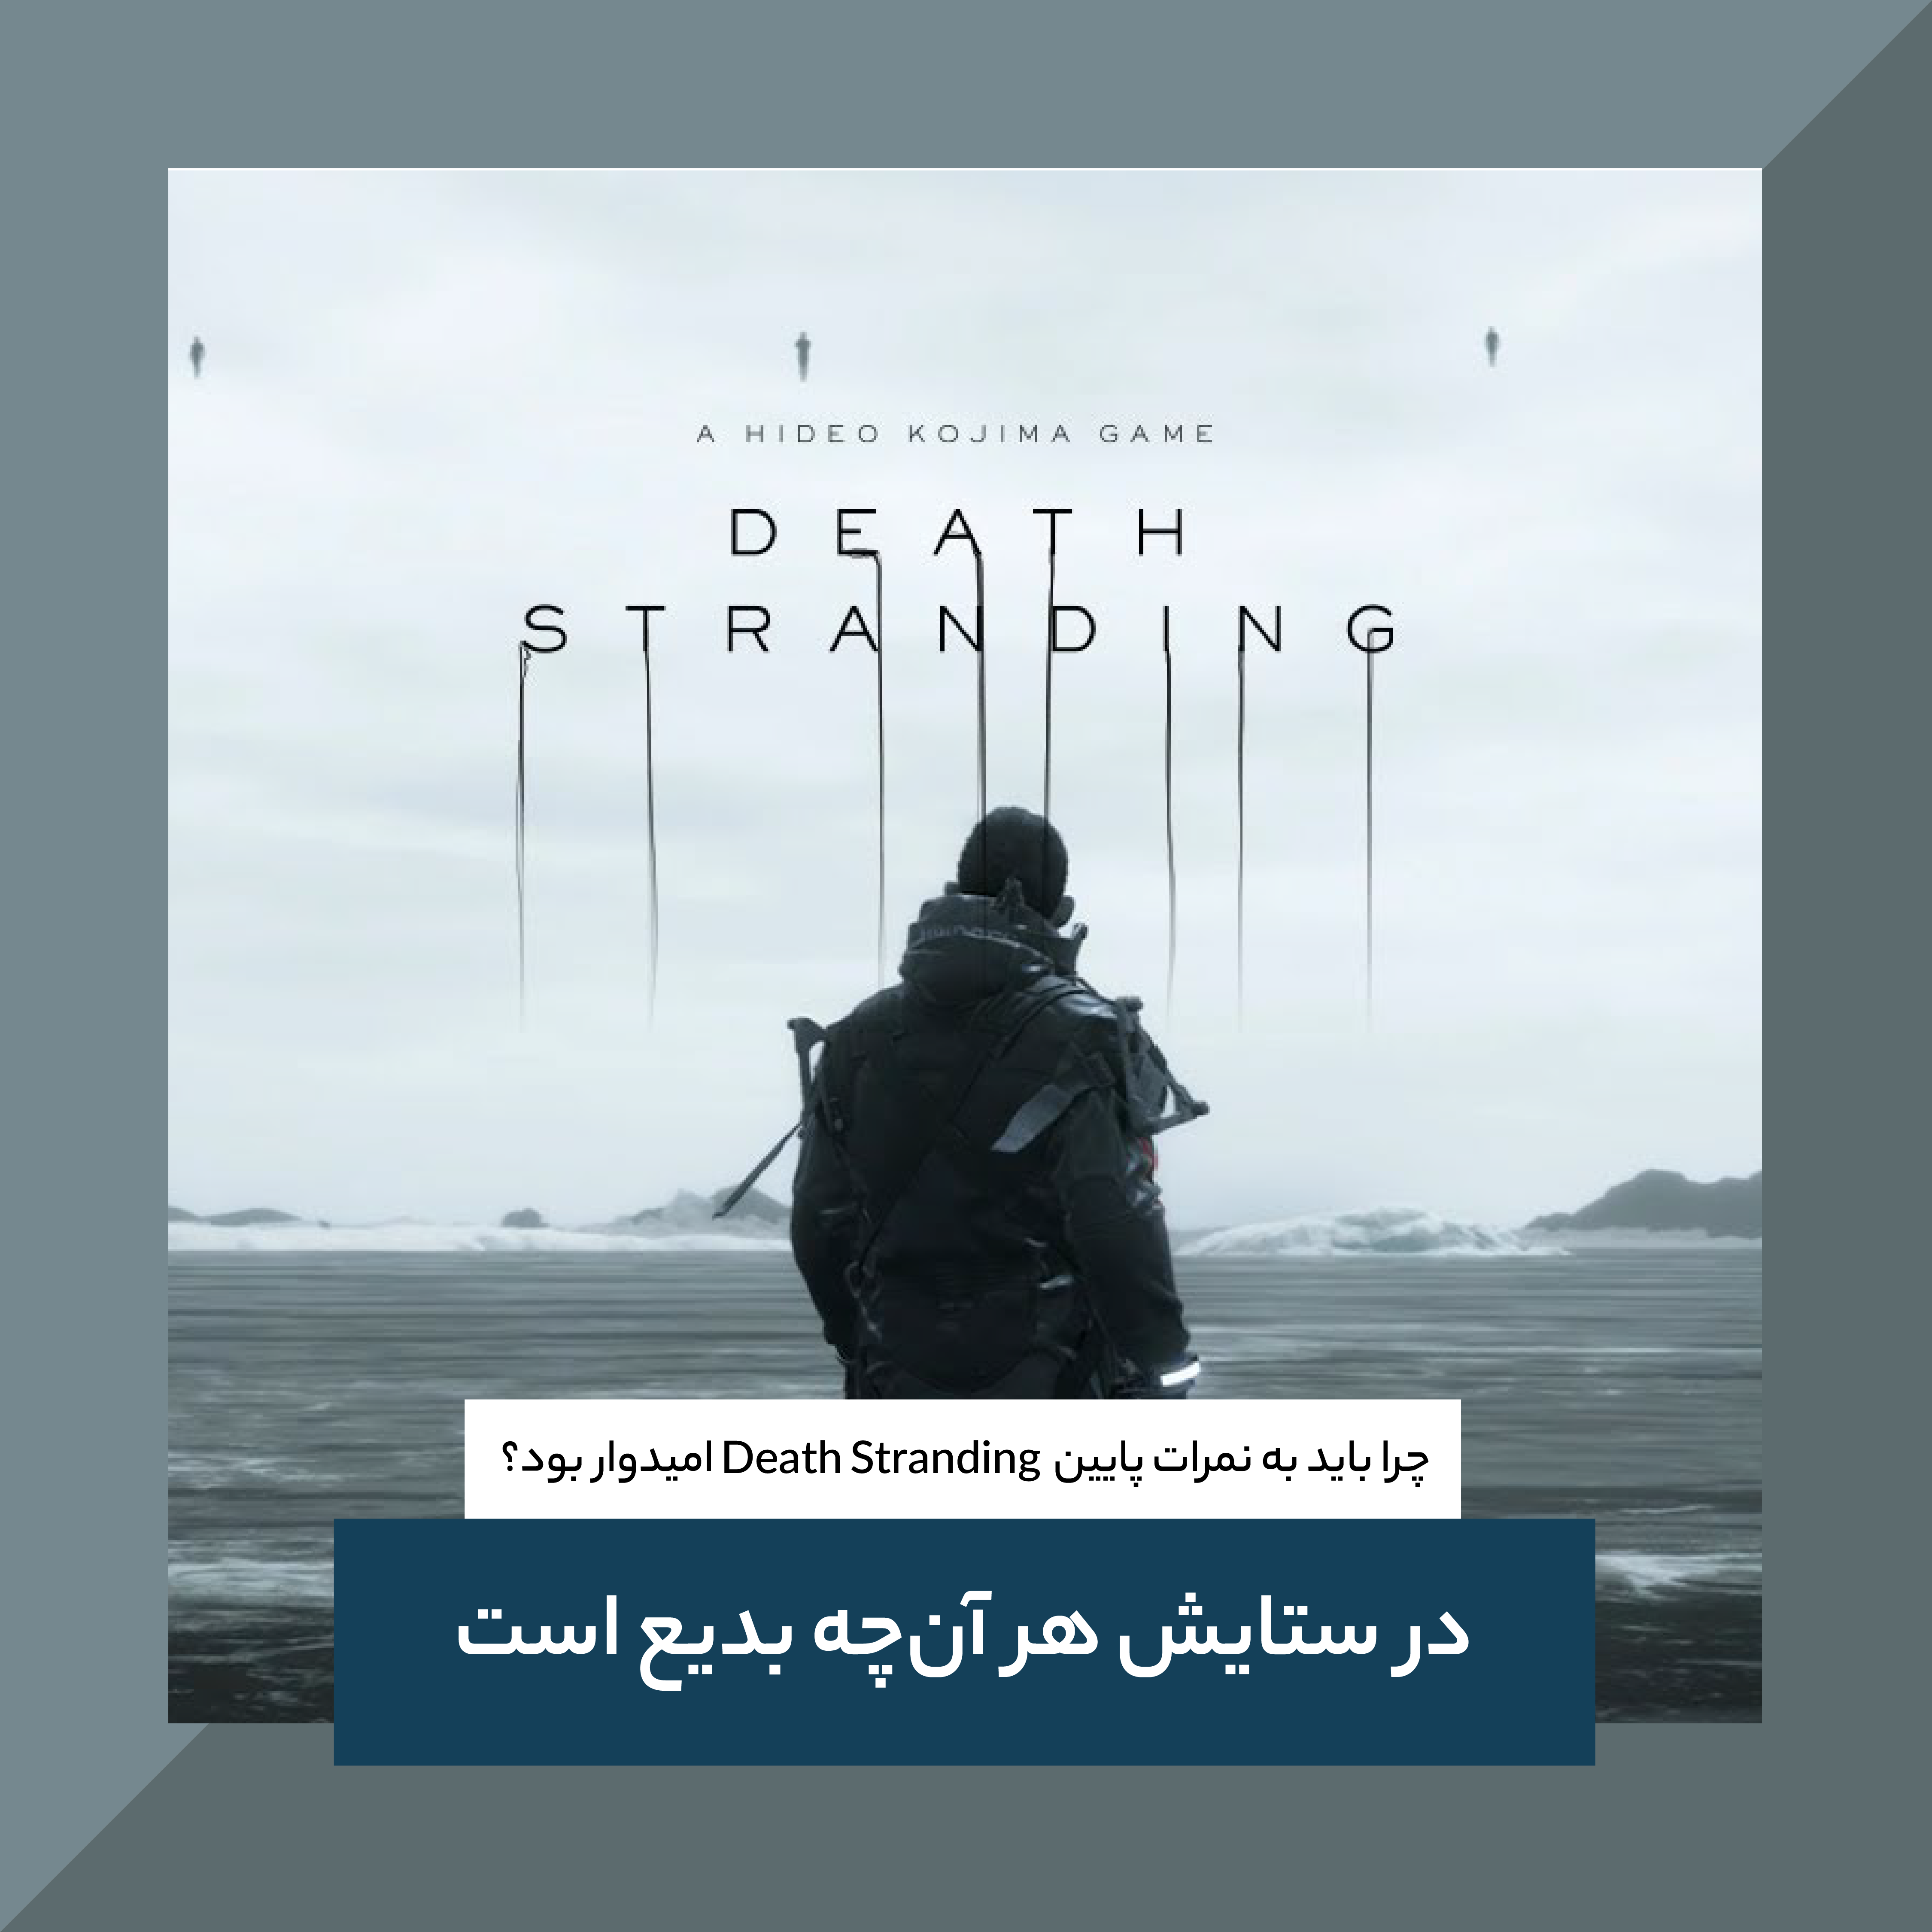 چرا باید به نمرات پایین Death Stranding امیدوار بود؟   در ستایش هر آن چه بدیع است